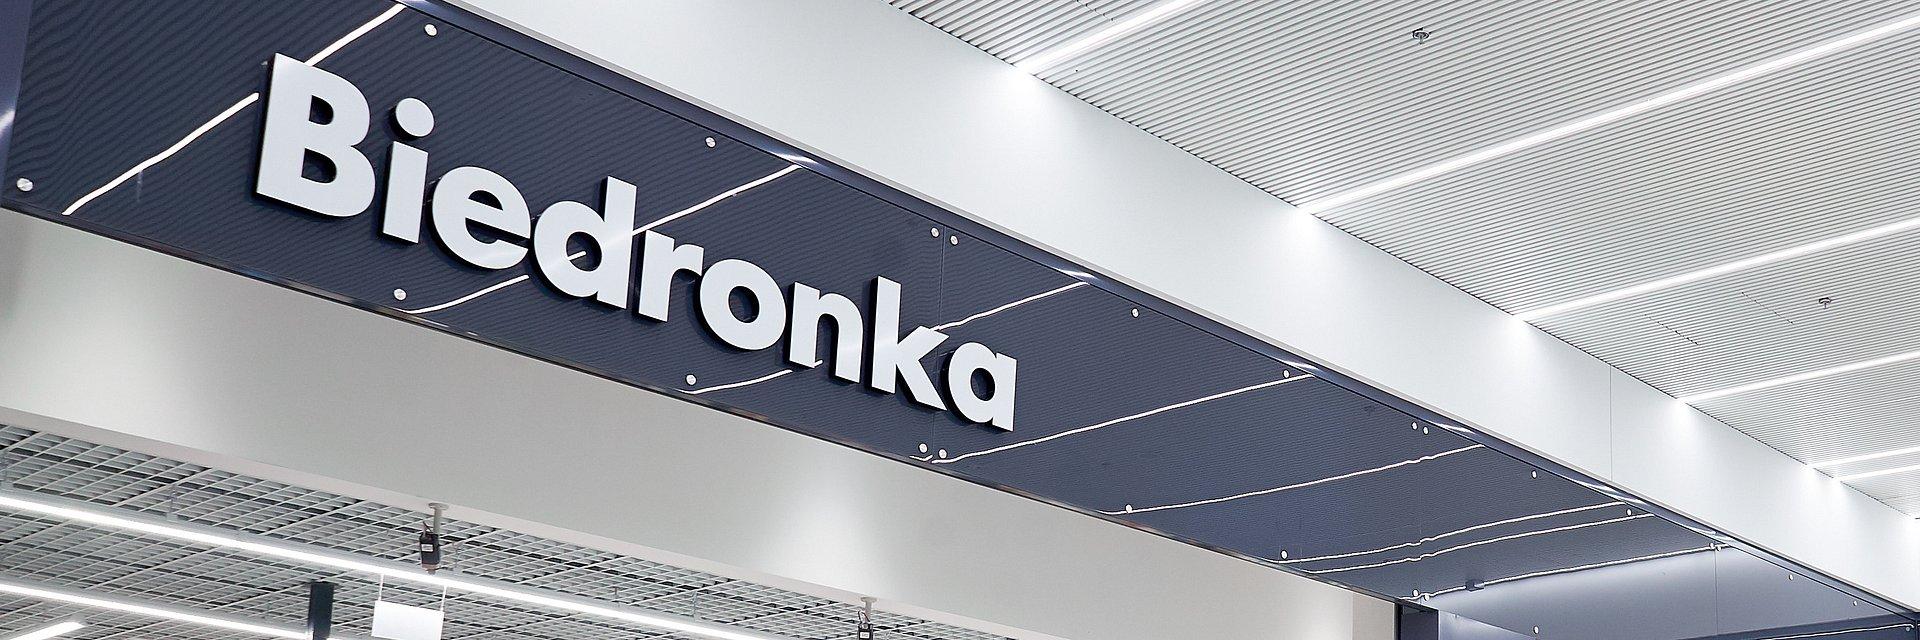 Biedronka kolejny raz Top Marką wśród sieci handlowych